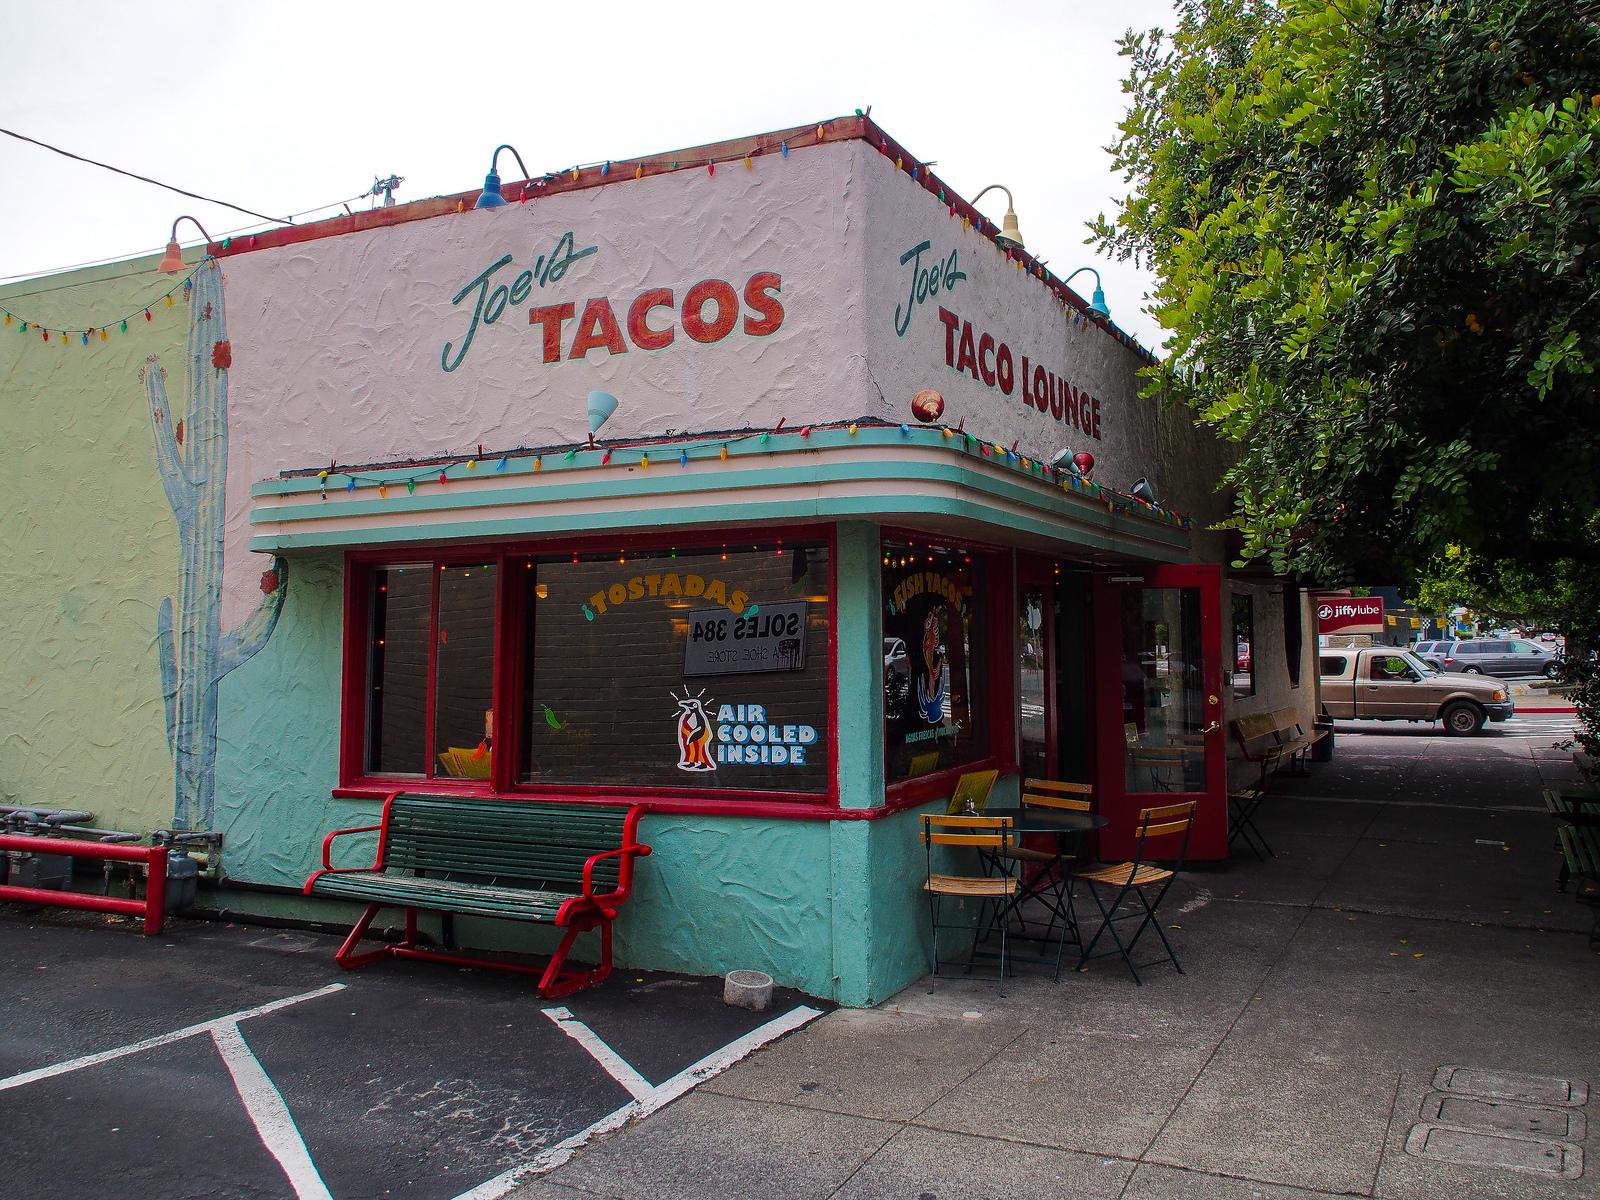 Joes Taco Lounge